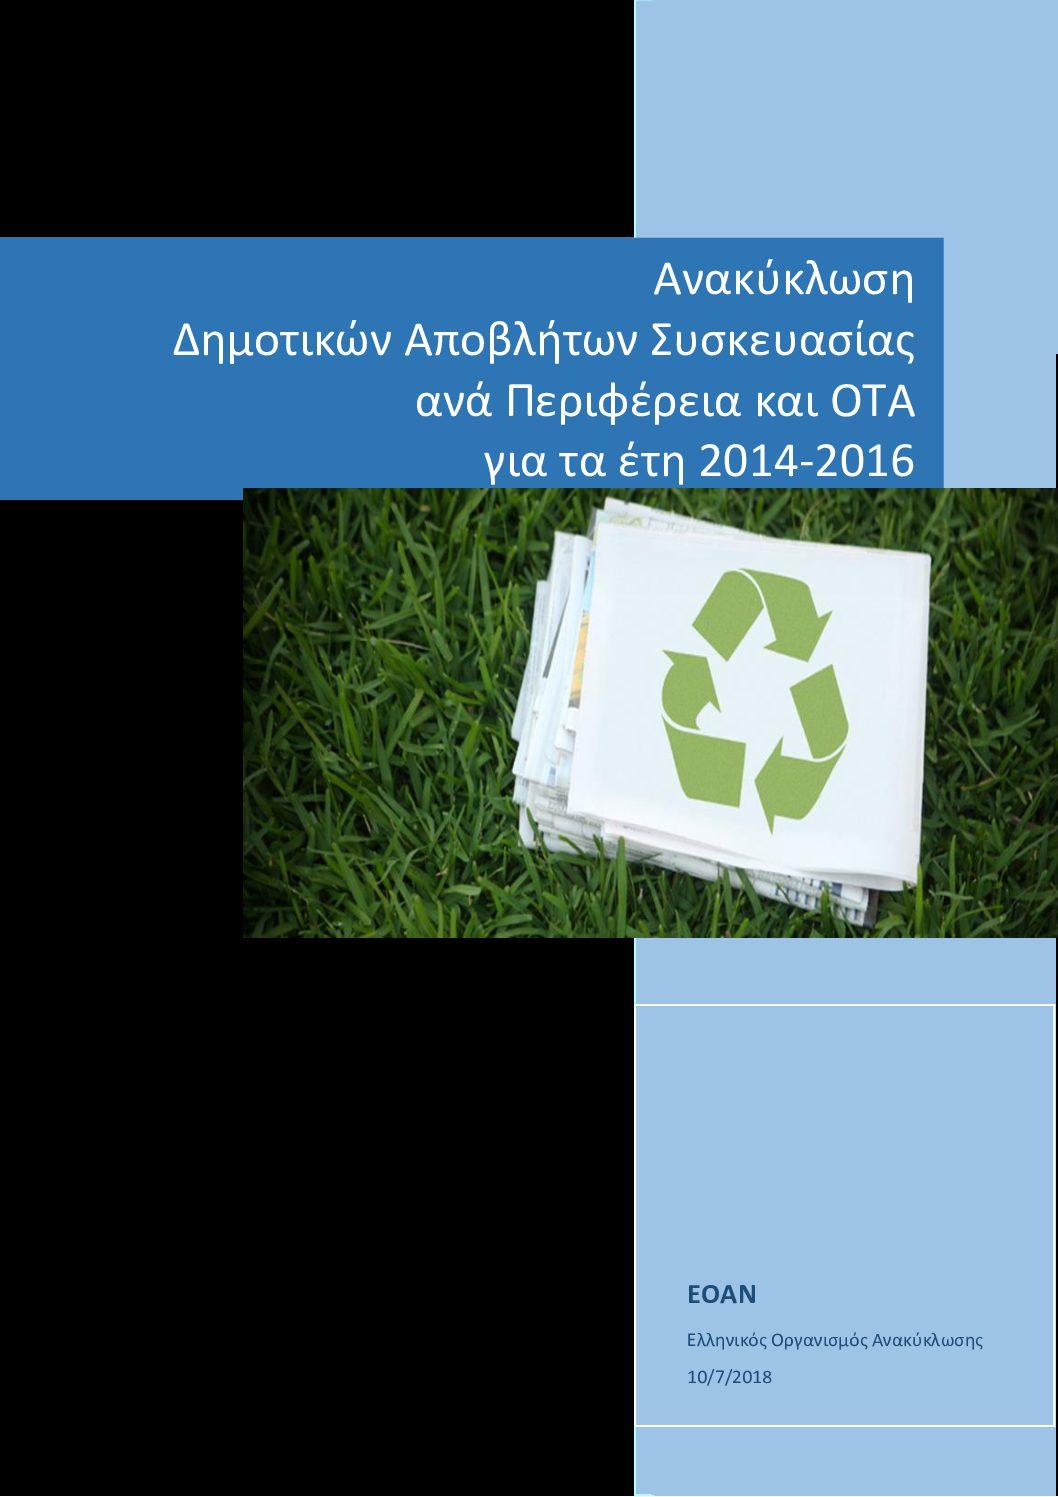 Ανακύκλωση Δημοτικών Αποβλήτων Συσκευασίας ανά Περιφέρεια και ΟΤΑ